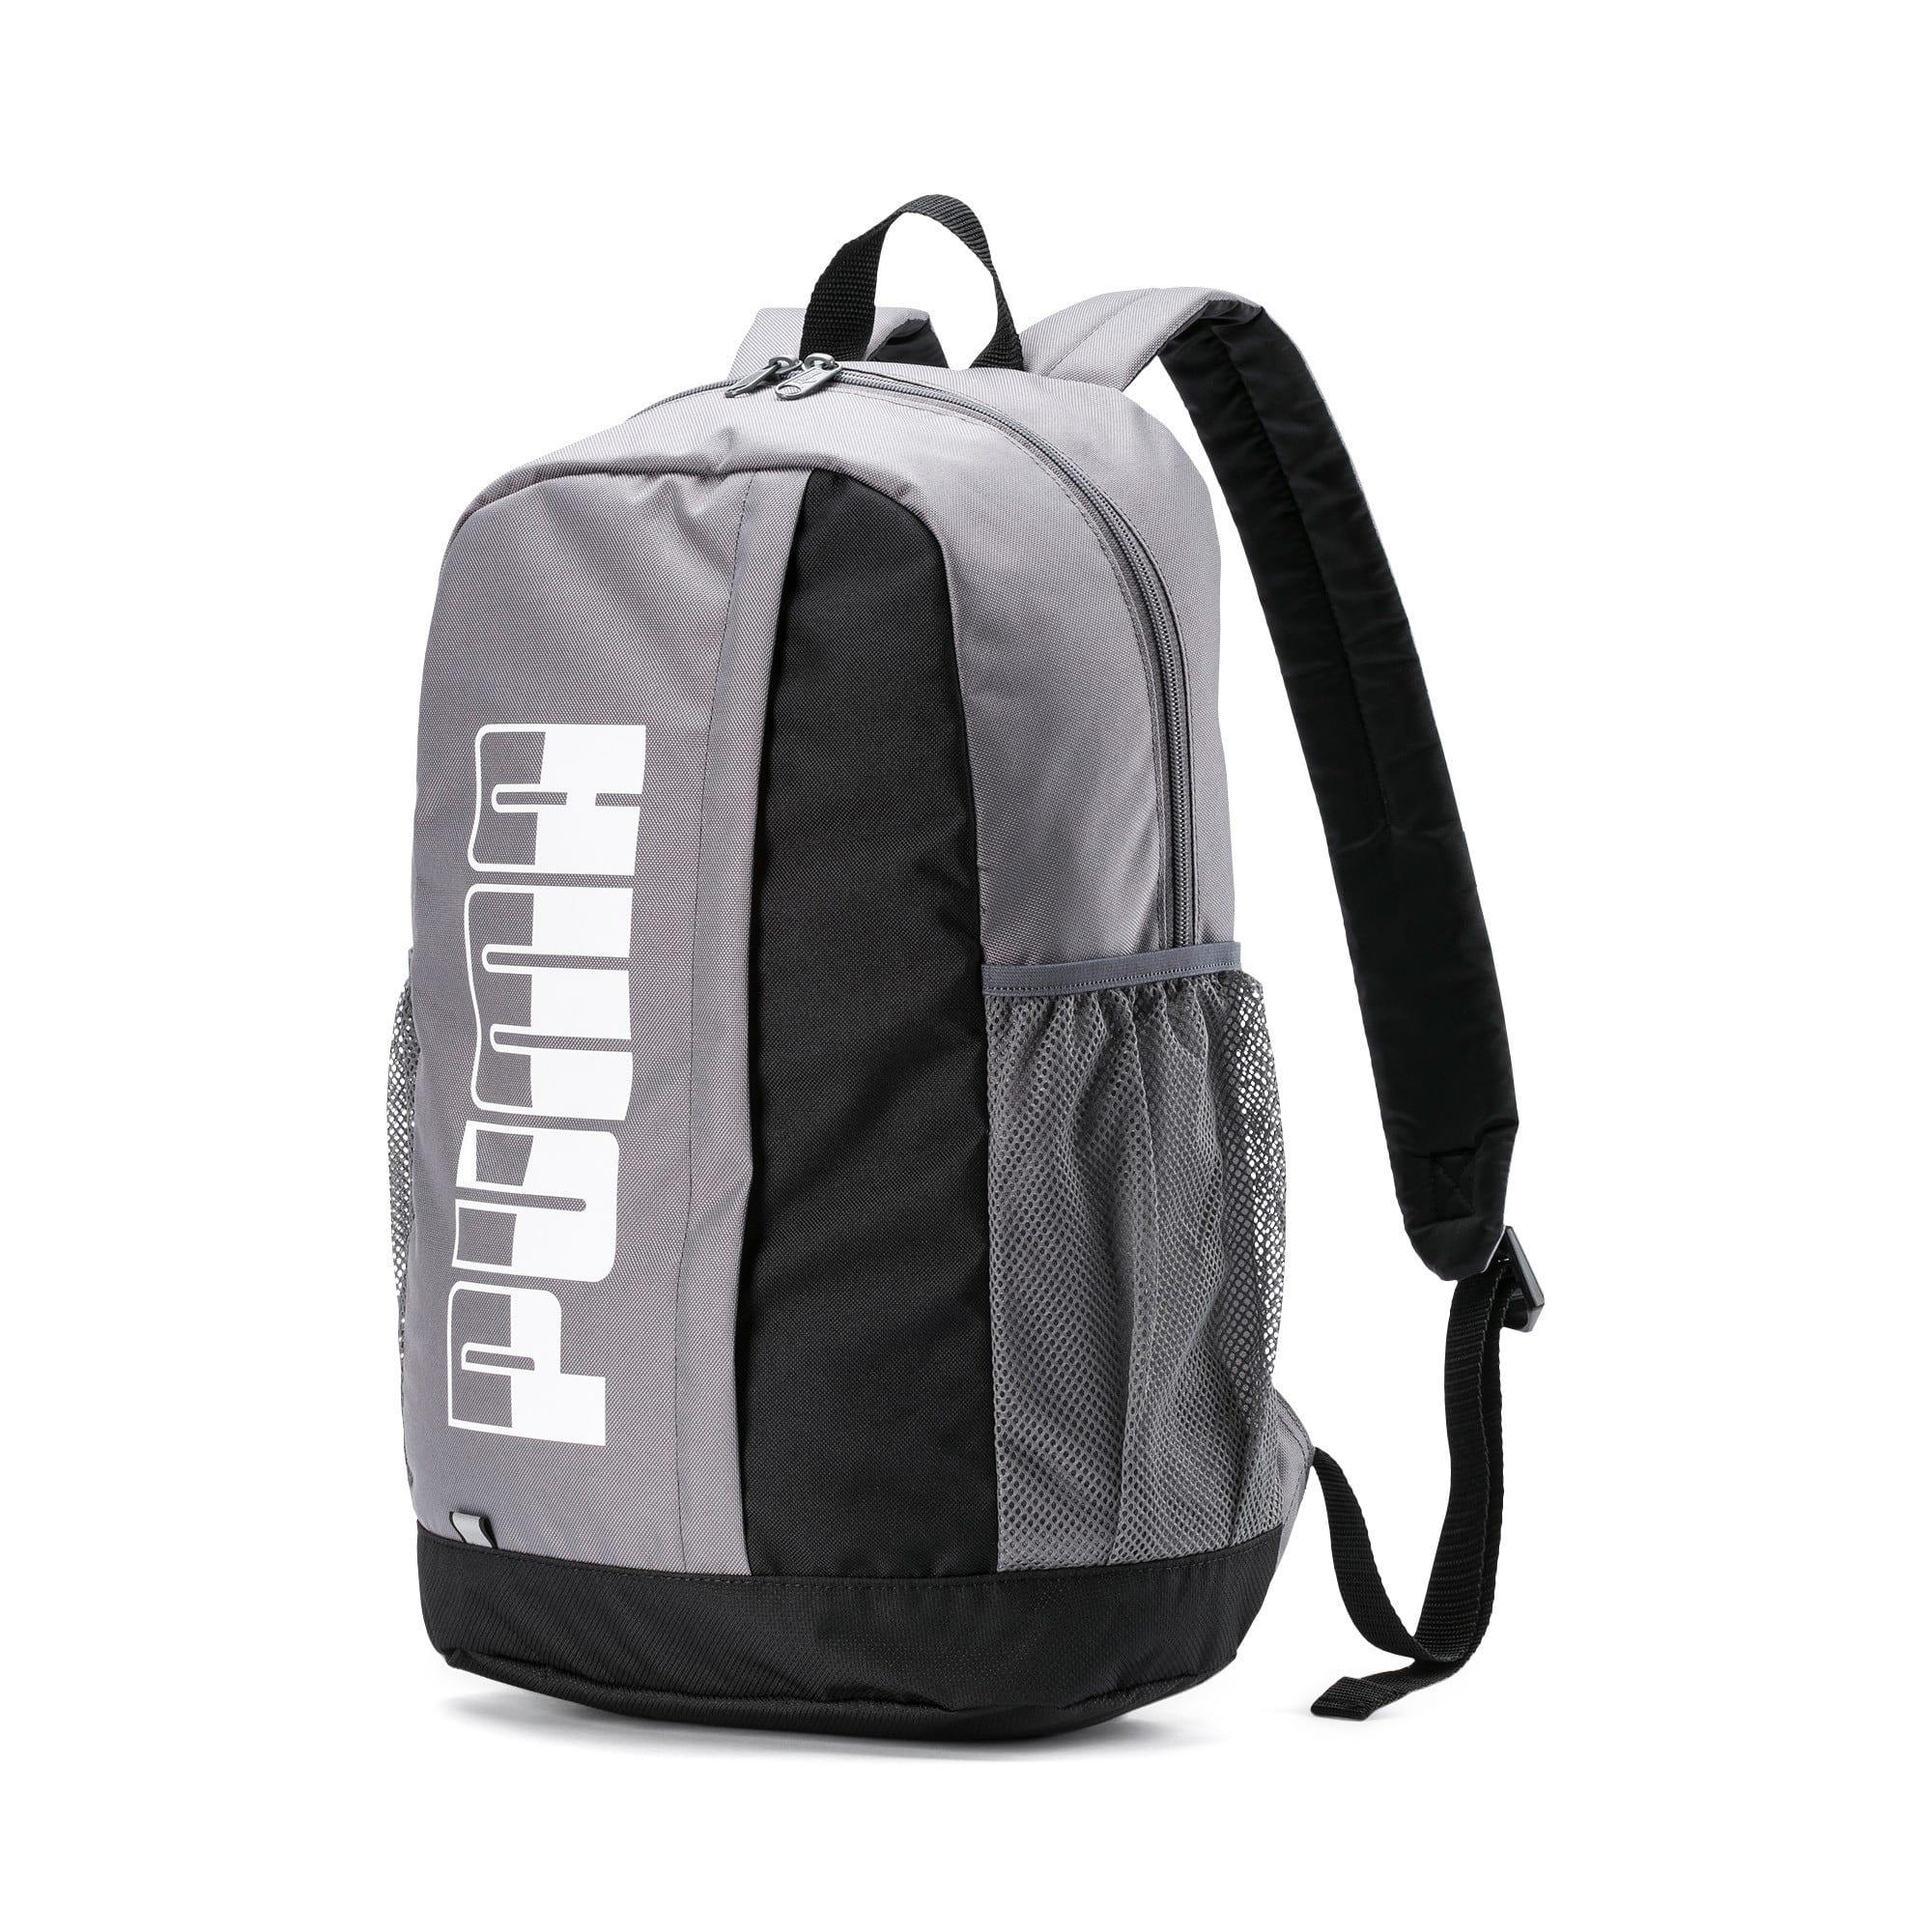 Thumbnail 1 of PUMA Plus Backpack II, CASTLEROCK-Puma Black, medium